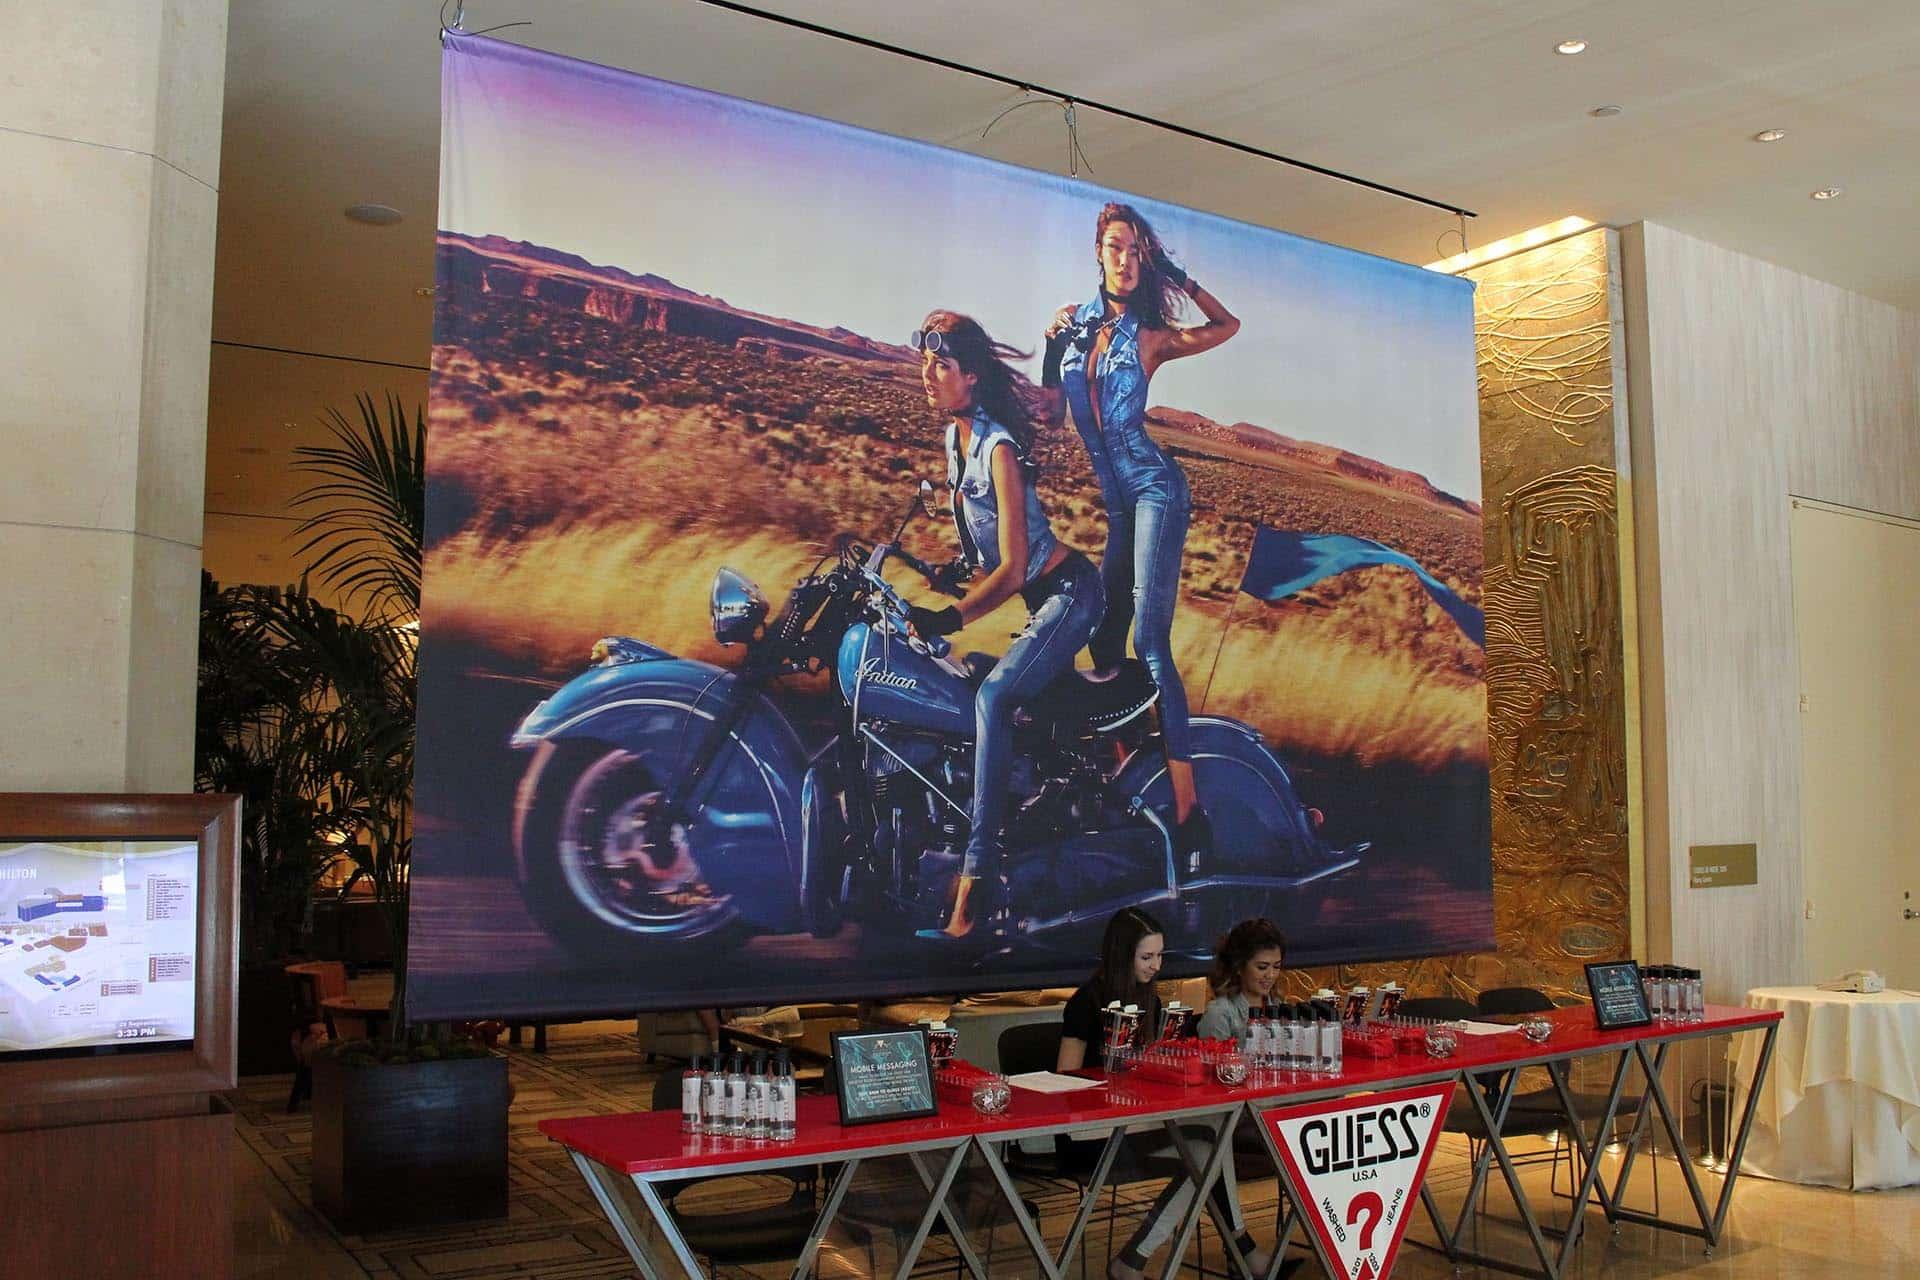 hanging-banner-event-backdrop